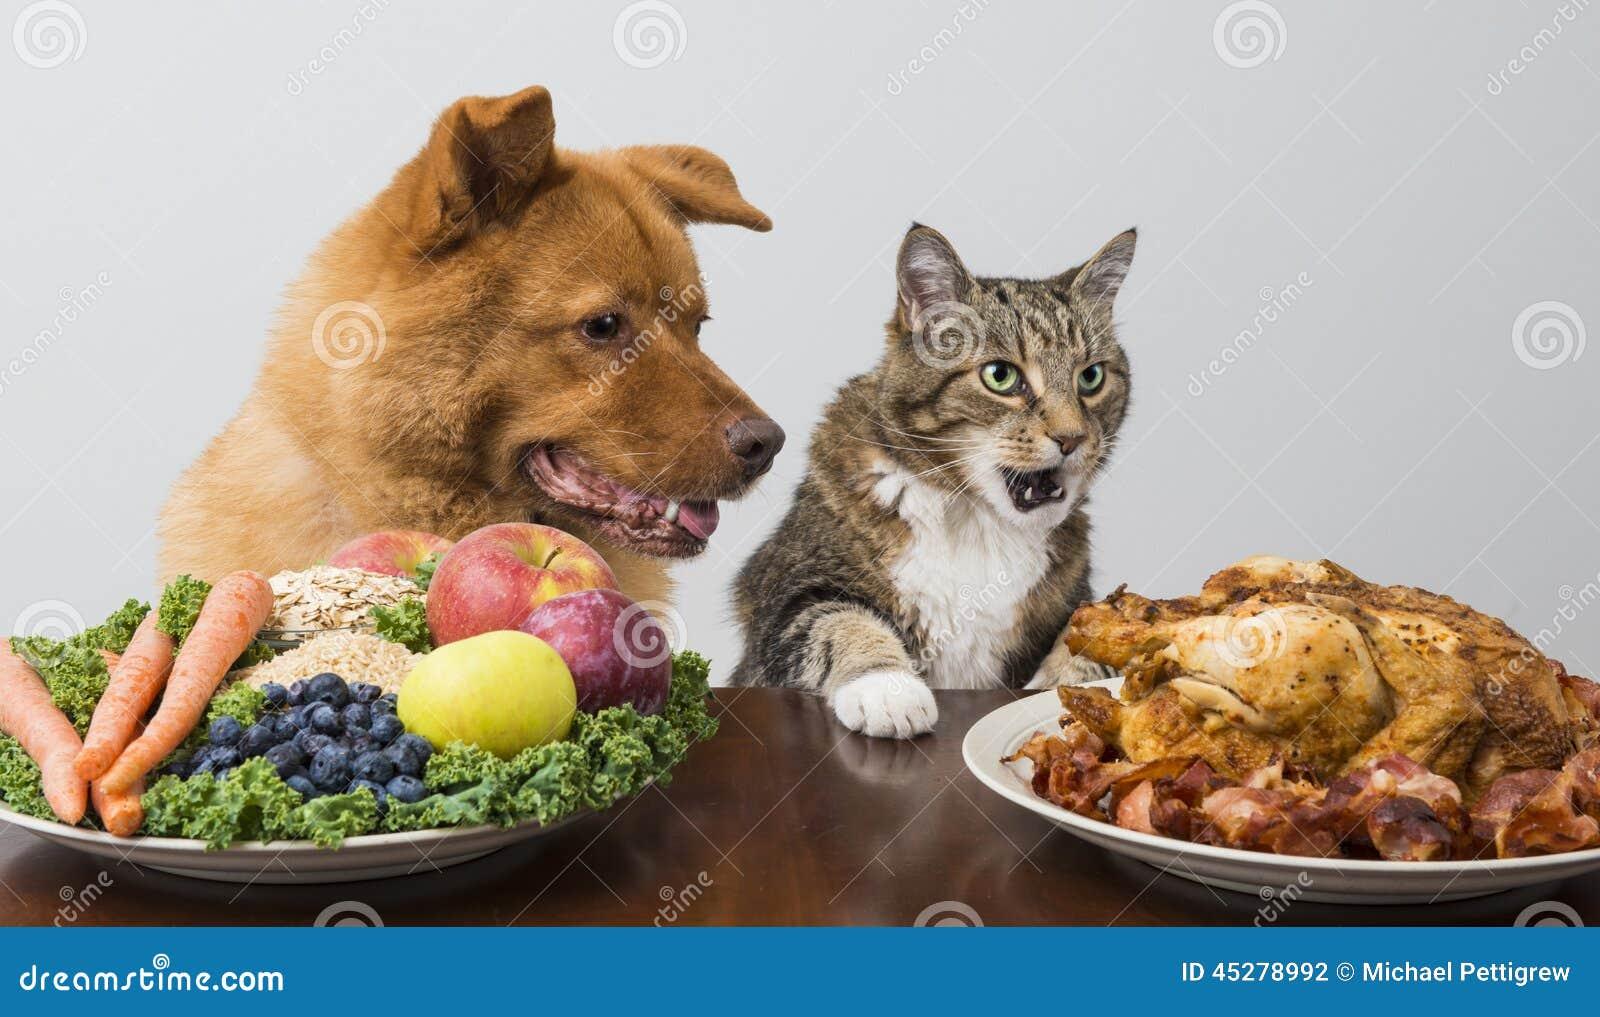 Cat Food Versus